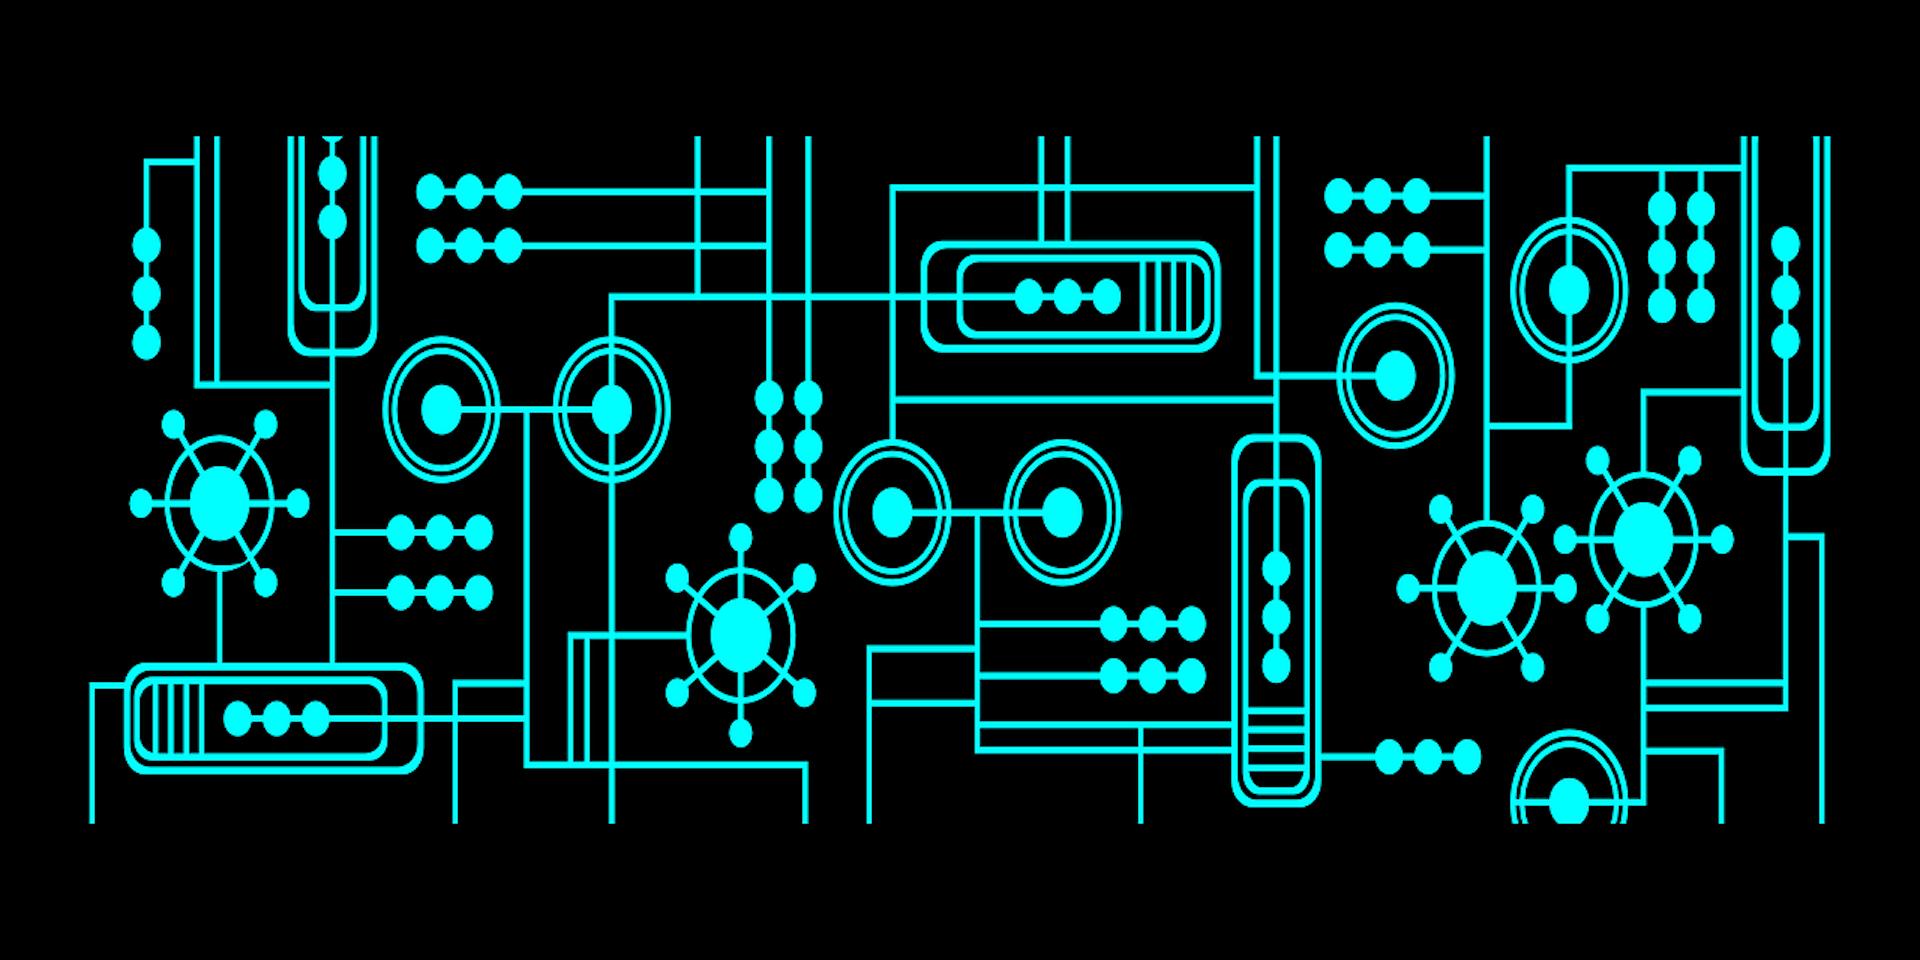 ¿Cómo funciona un circuito eléctrico? Descubre la magia oculta detrás de los aparatos electrónicos